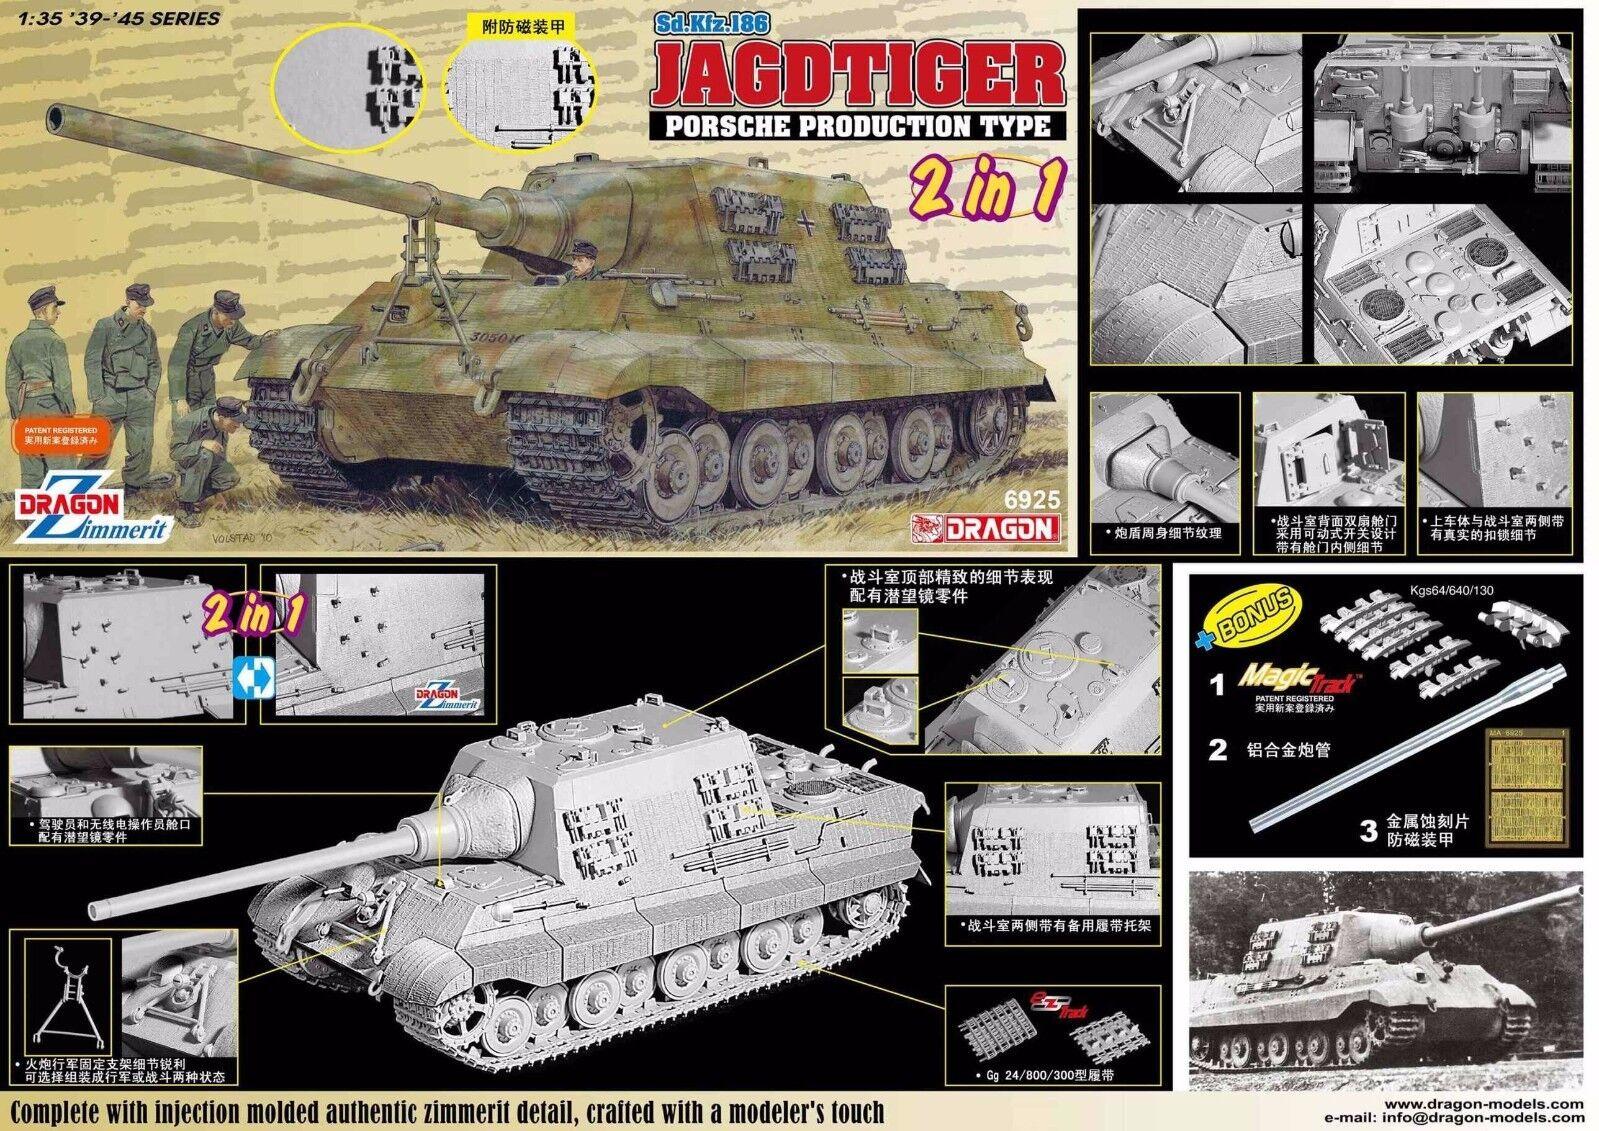 DRAGON  1 35  6925 Jagdtiger Porsche Type w Zimmerit 2 in 1